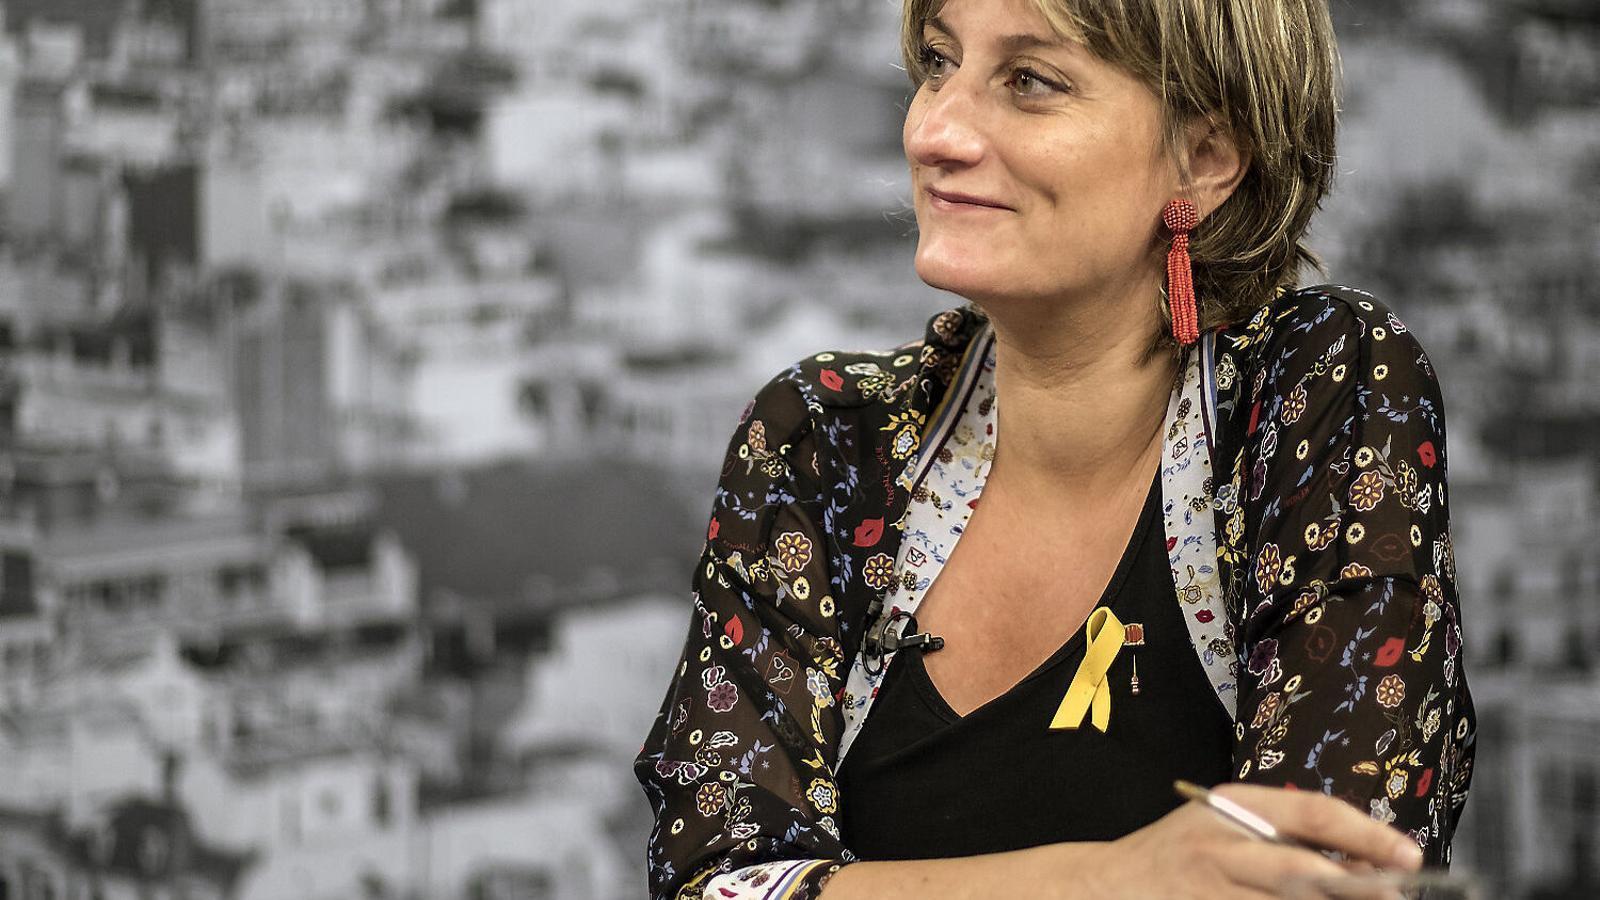 La consellera de Salut, Alba Vergés, compareix al Parlament per fer balanç de la pandèmia.